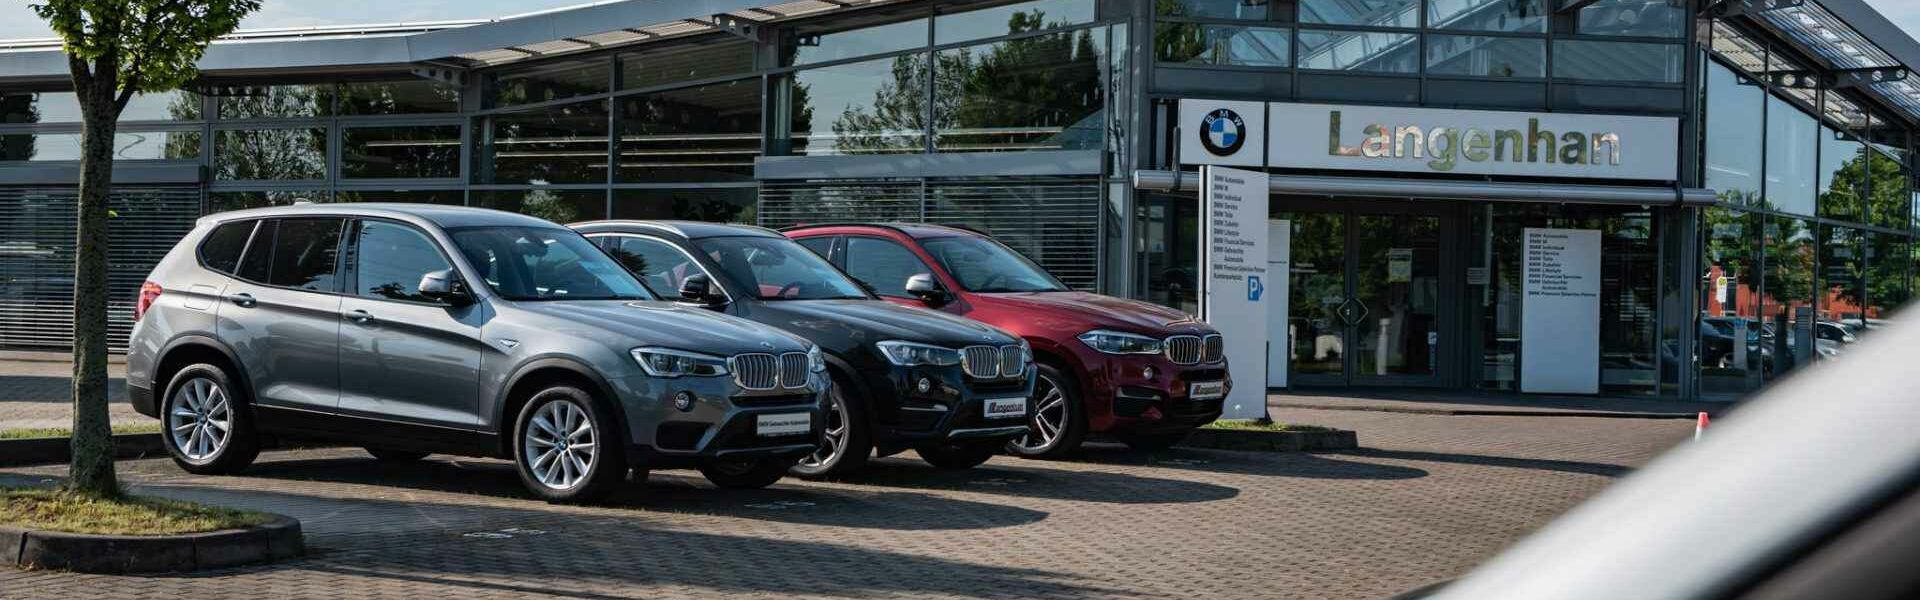 Standorte, BMW Autohaus Gotha, BMW Autohaus Eisenach, BMW Autohaus Mühlhausen